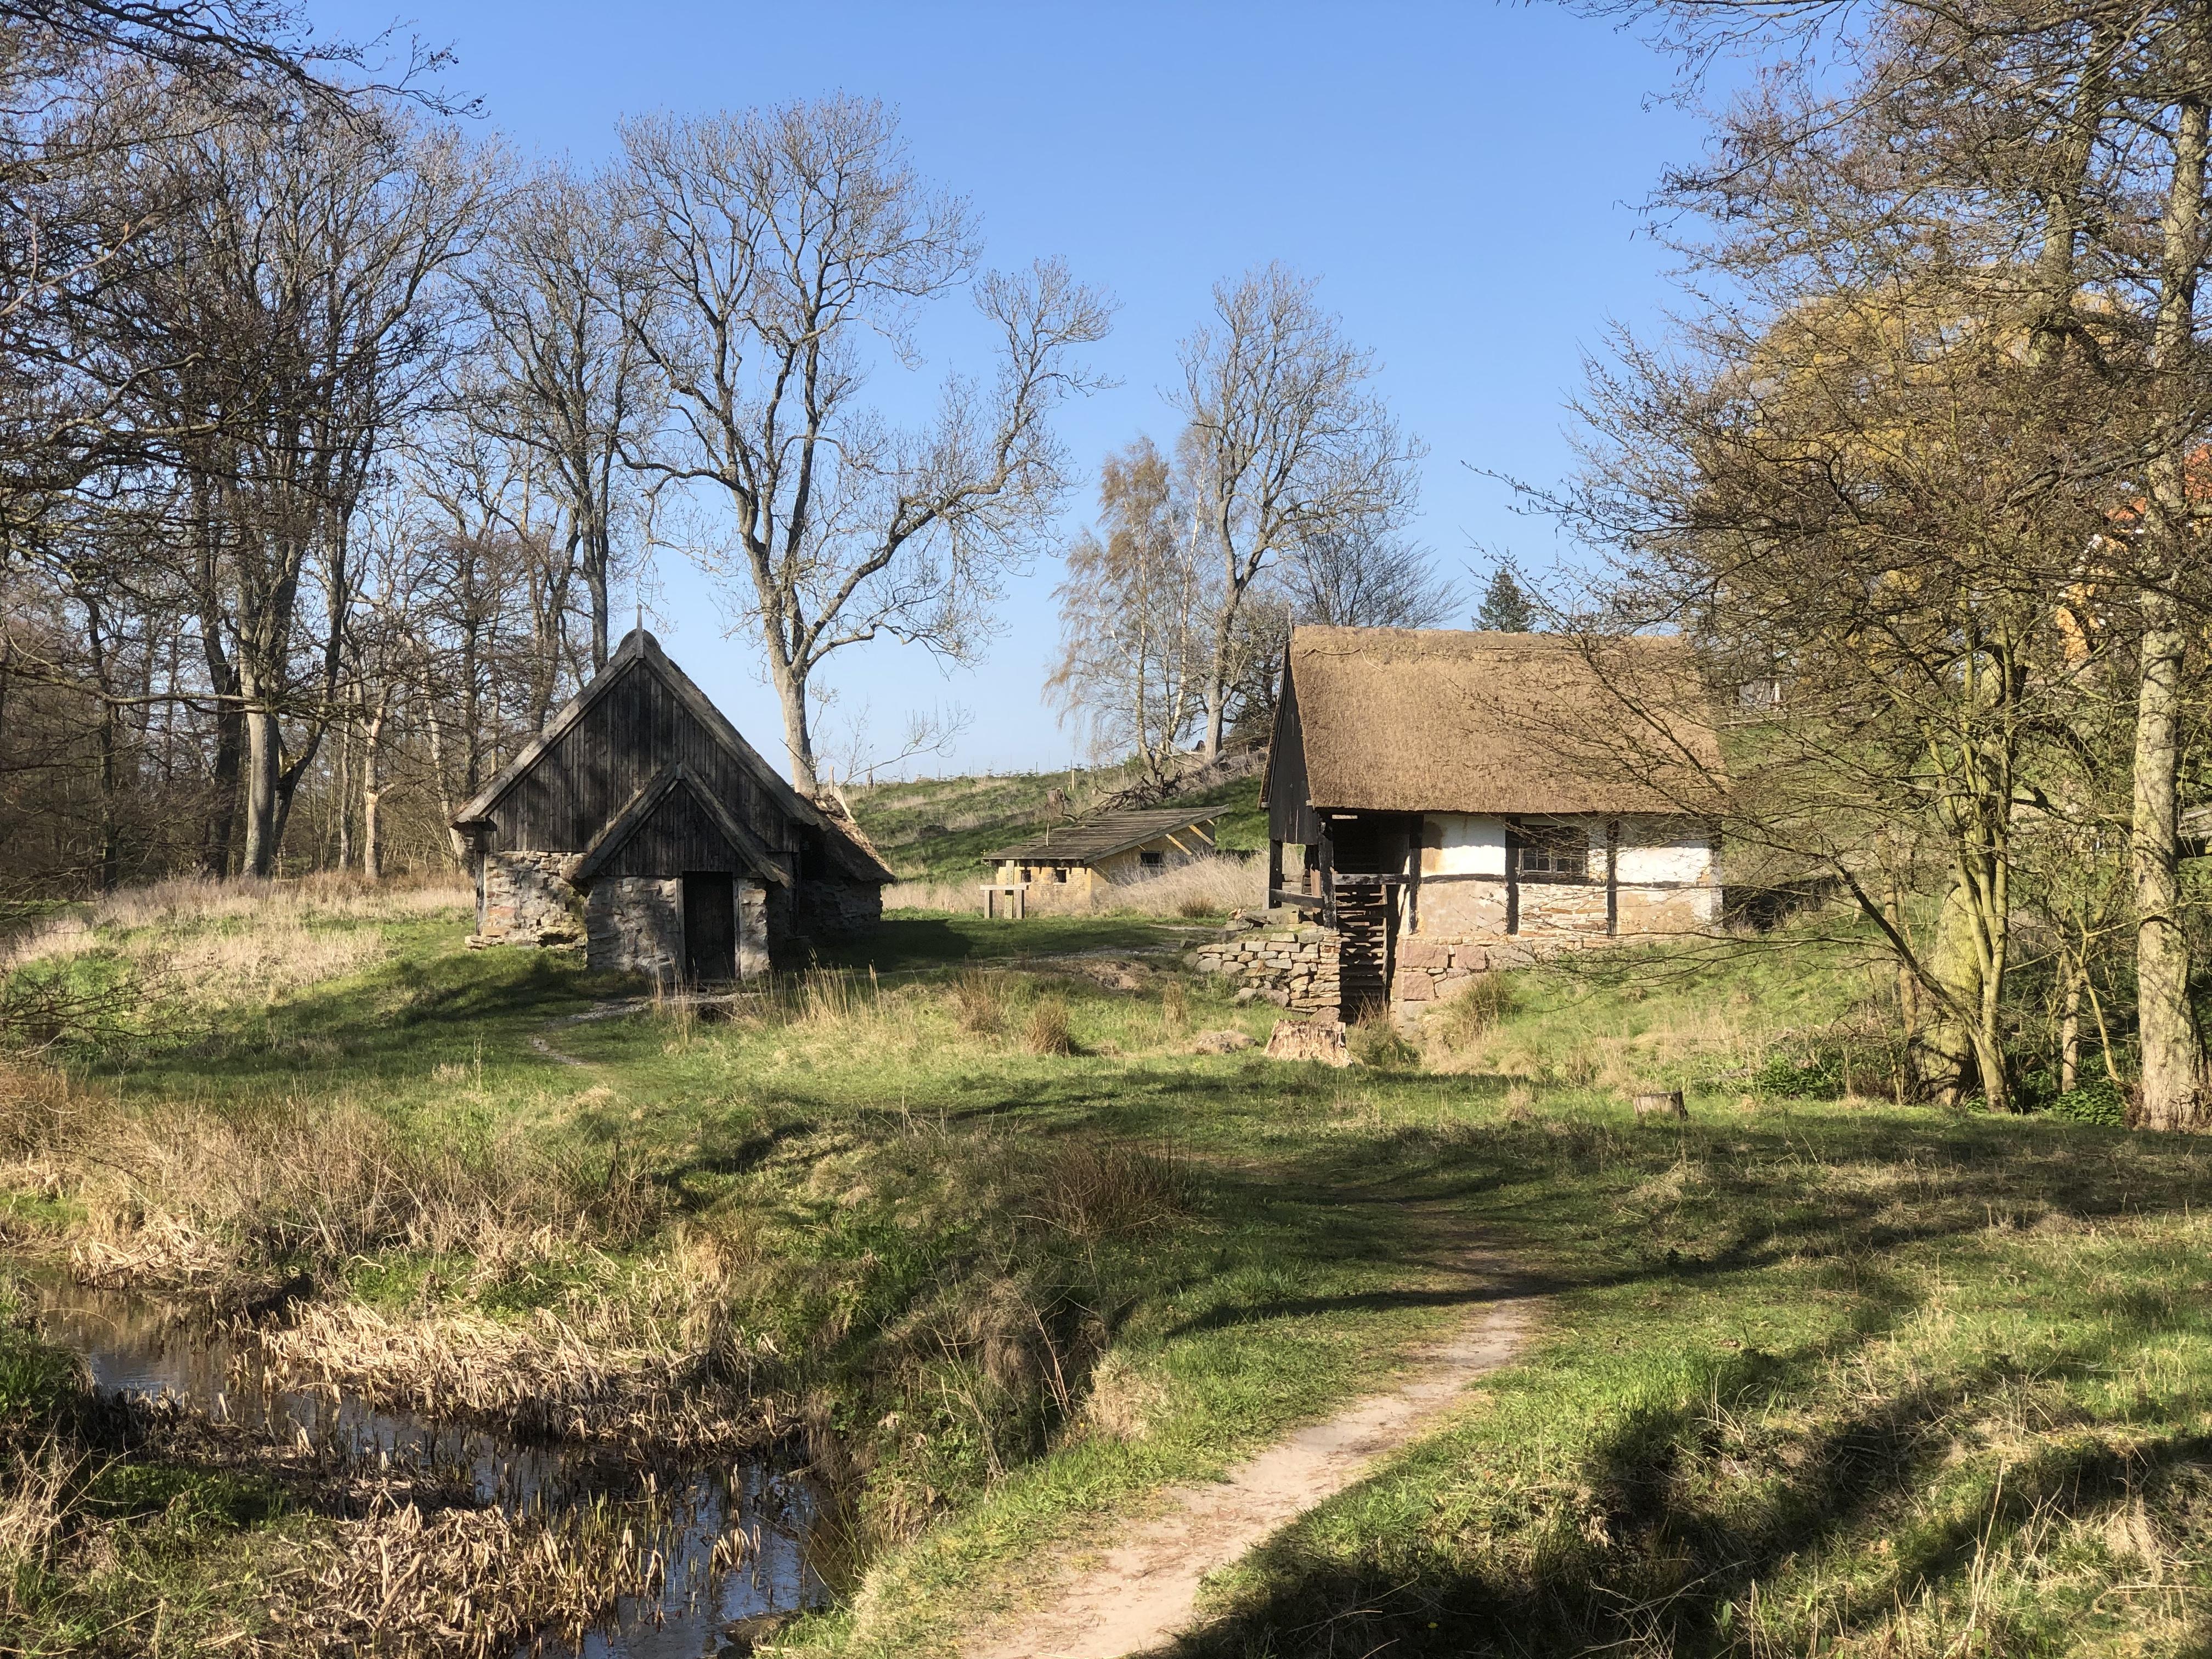 Slusegaard